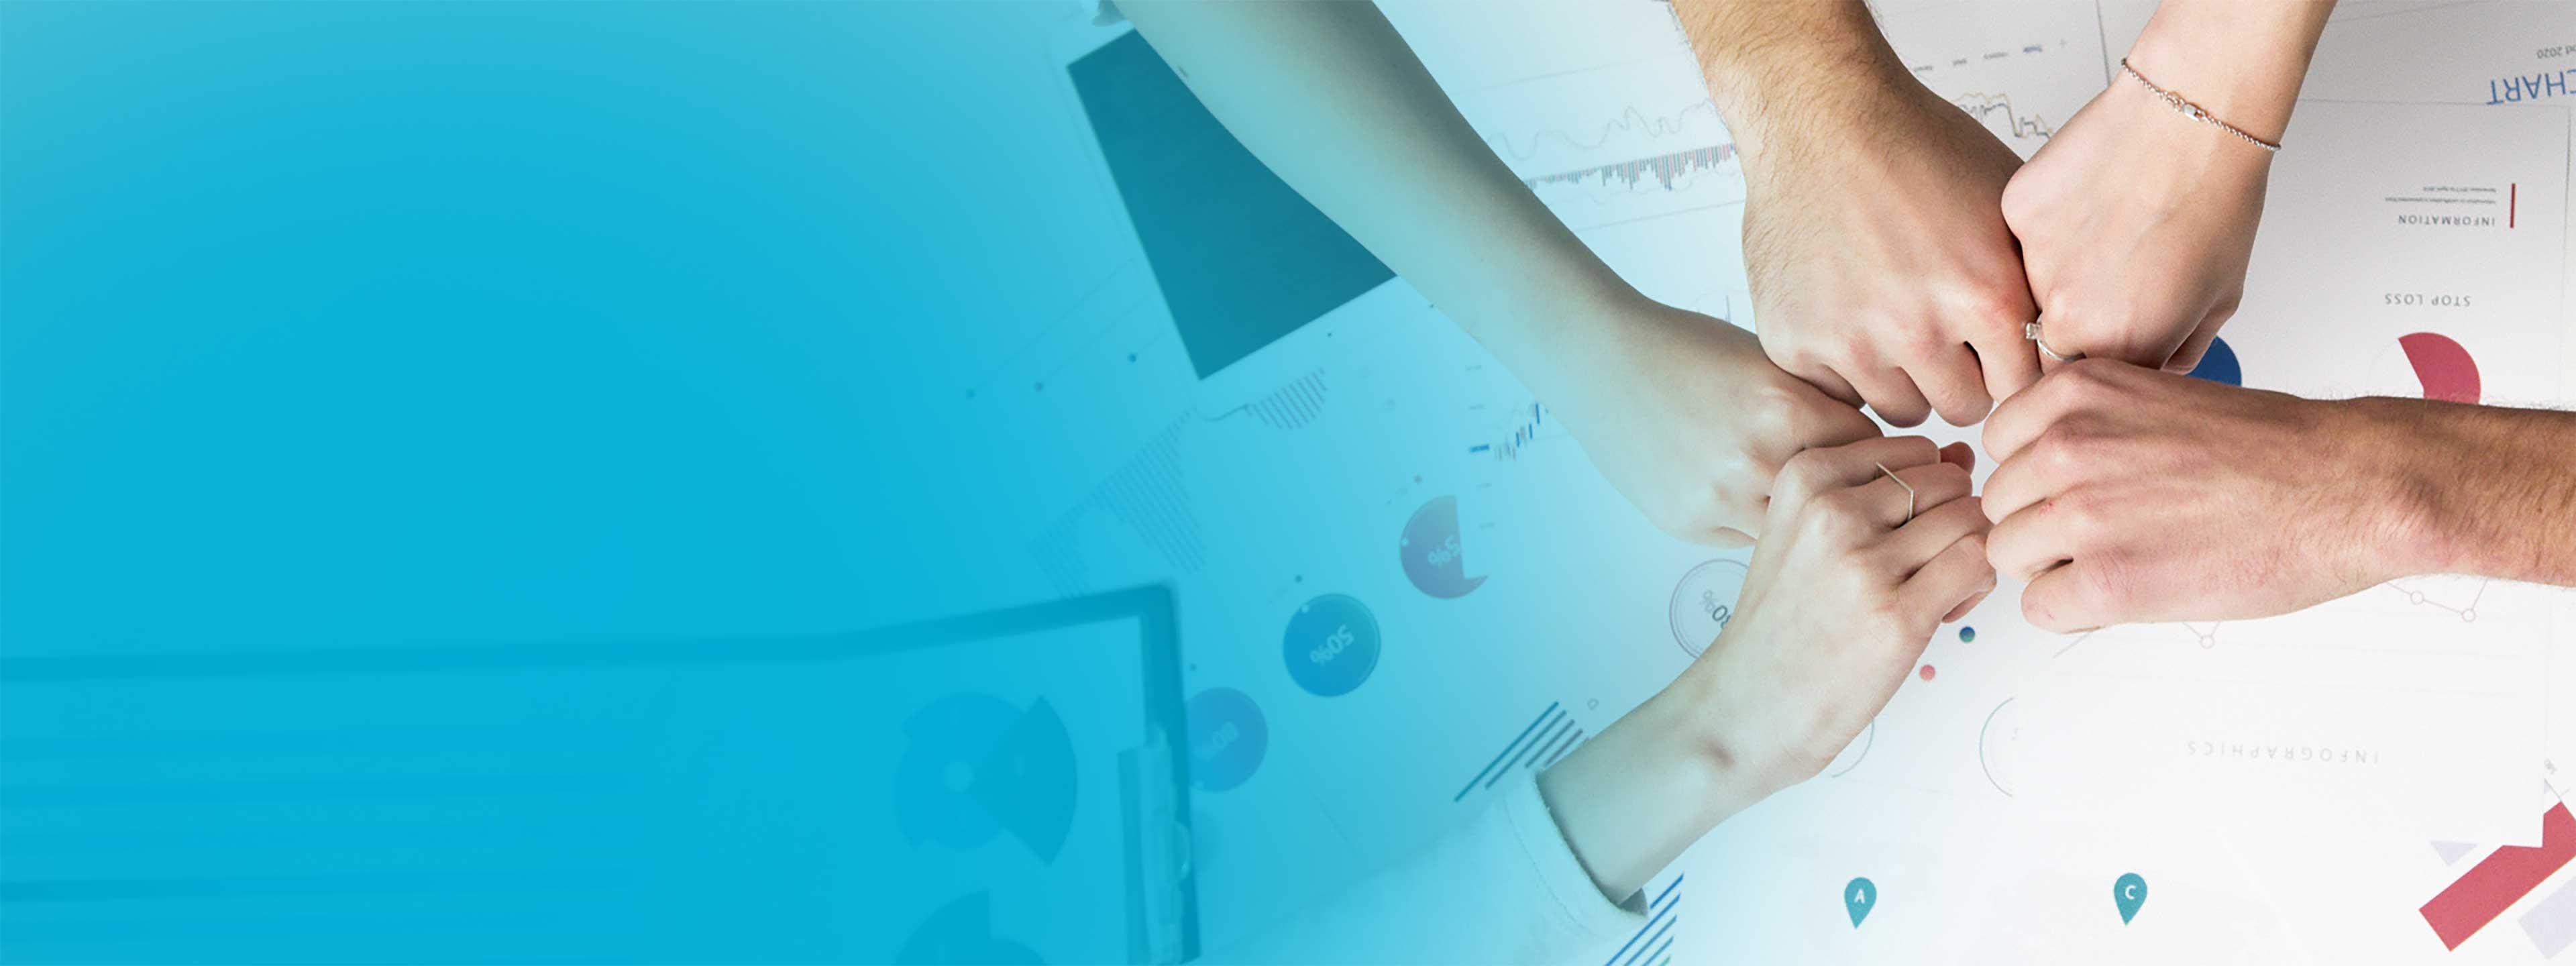 人们手牵手的图像, 代表与映像生物®建立合作伙伴关系。